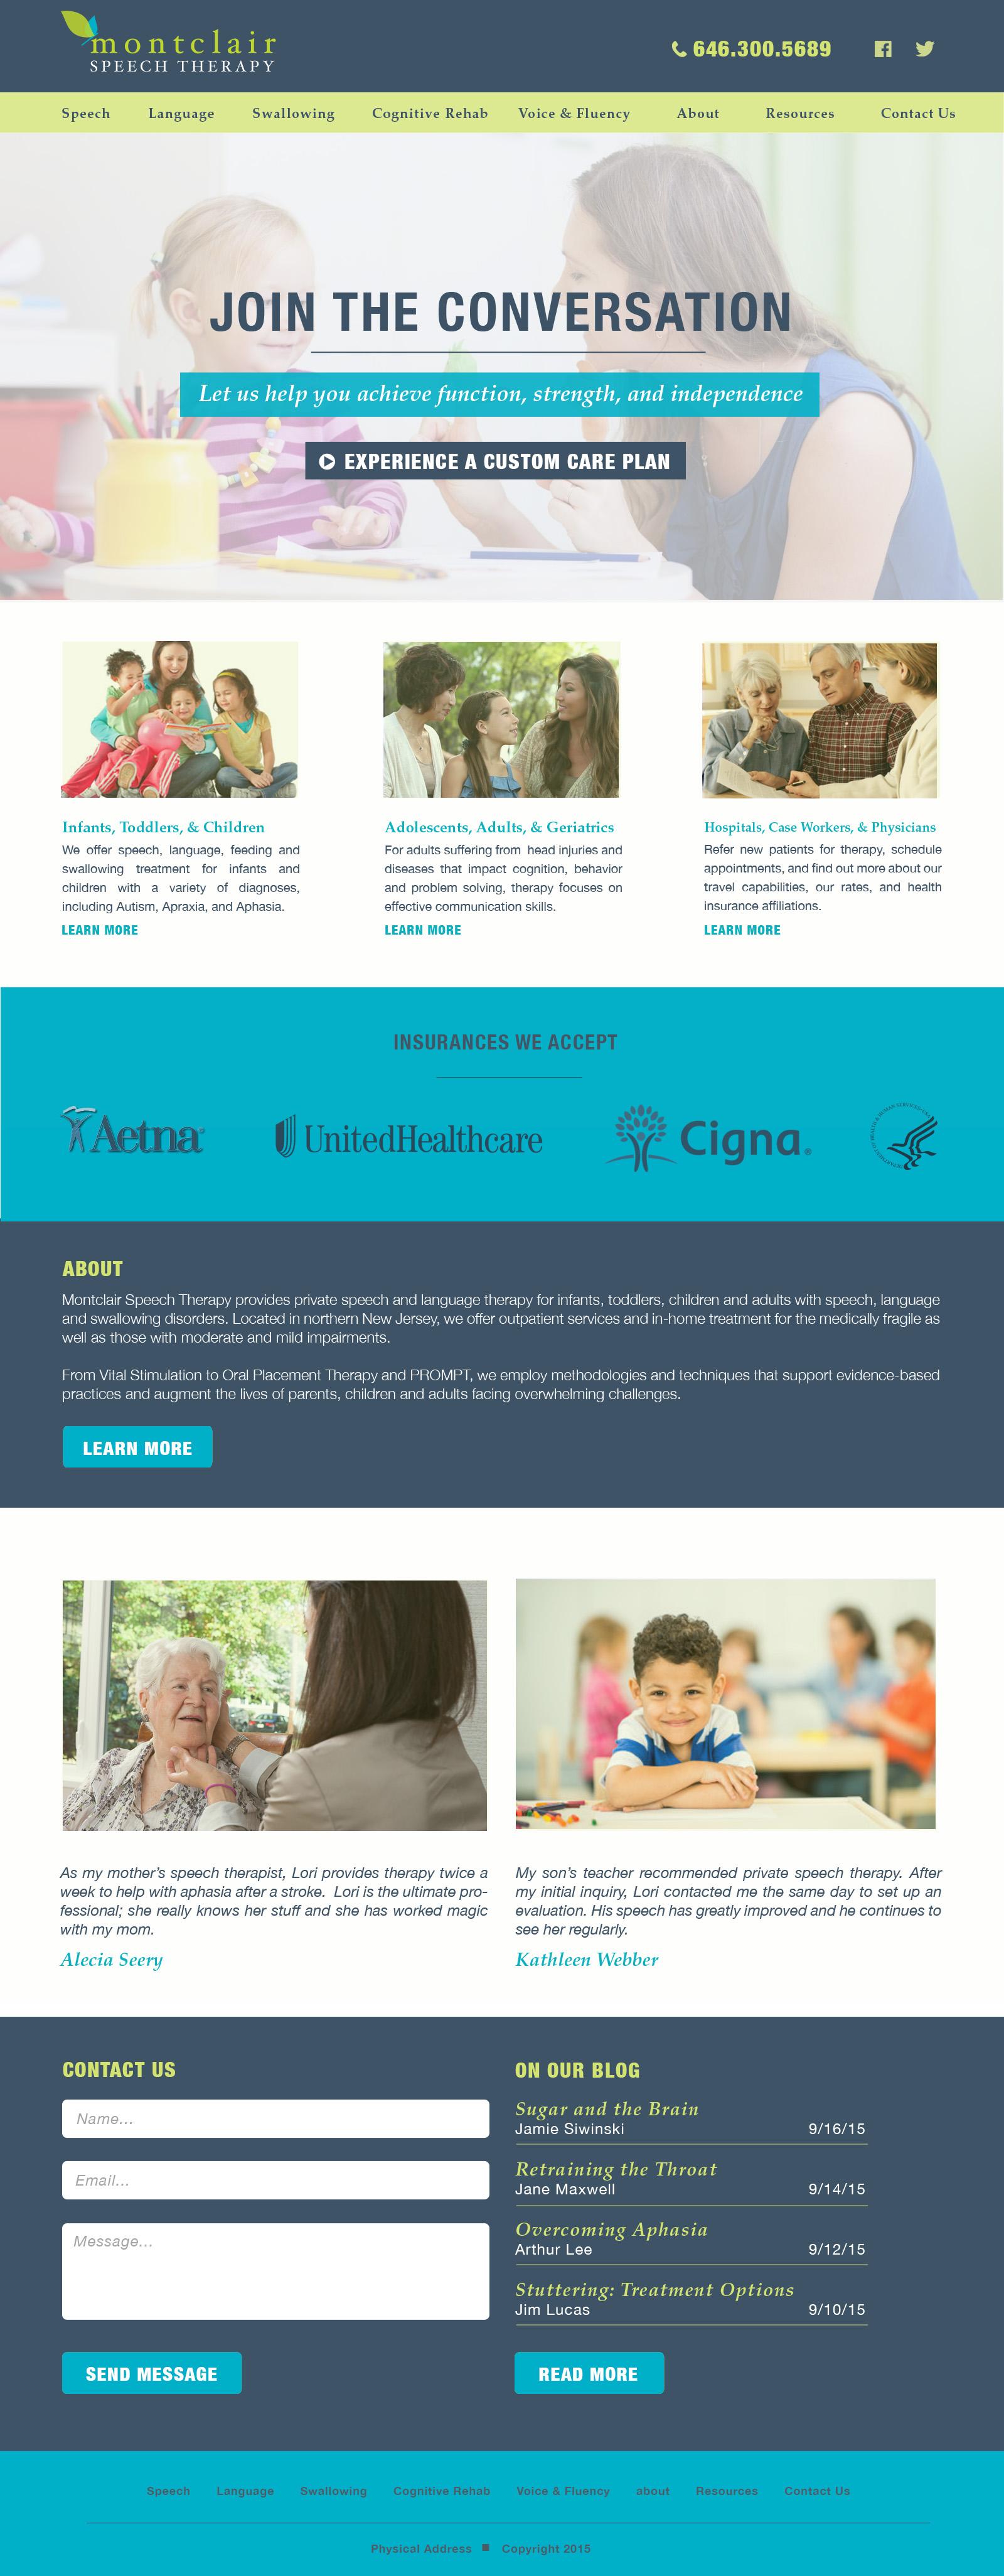 Homepage, full desktop view.